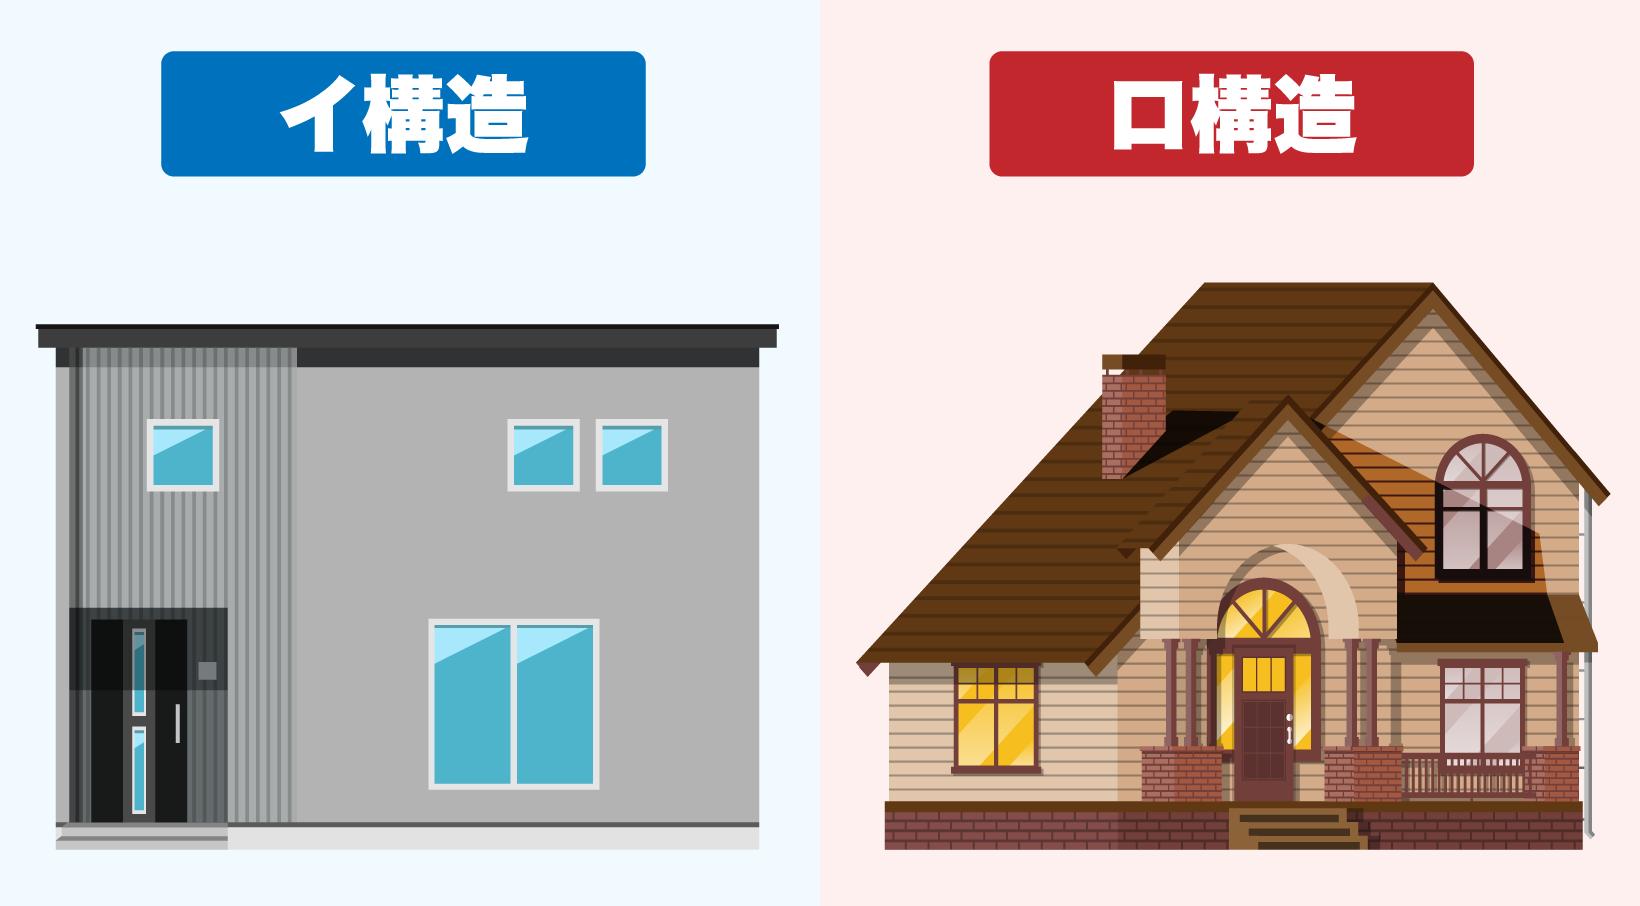 イ構造:耐火構造(鉄骨・コンクリート造)、ロ構造:非耐火構造(木造)